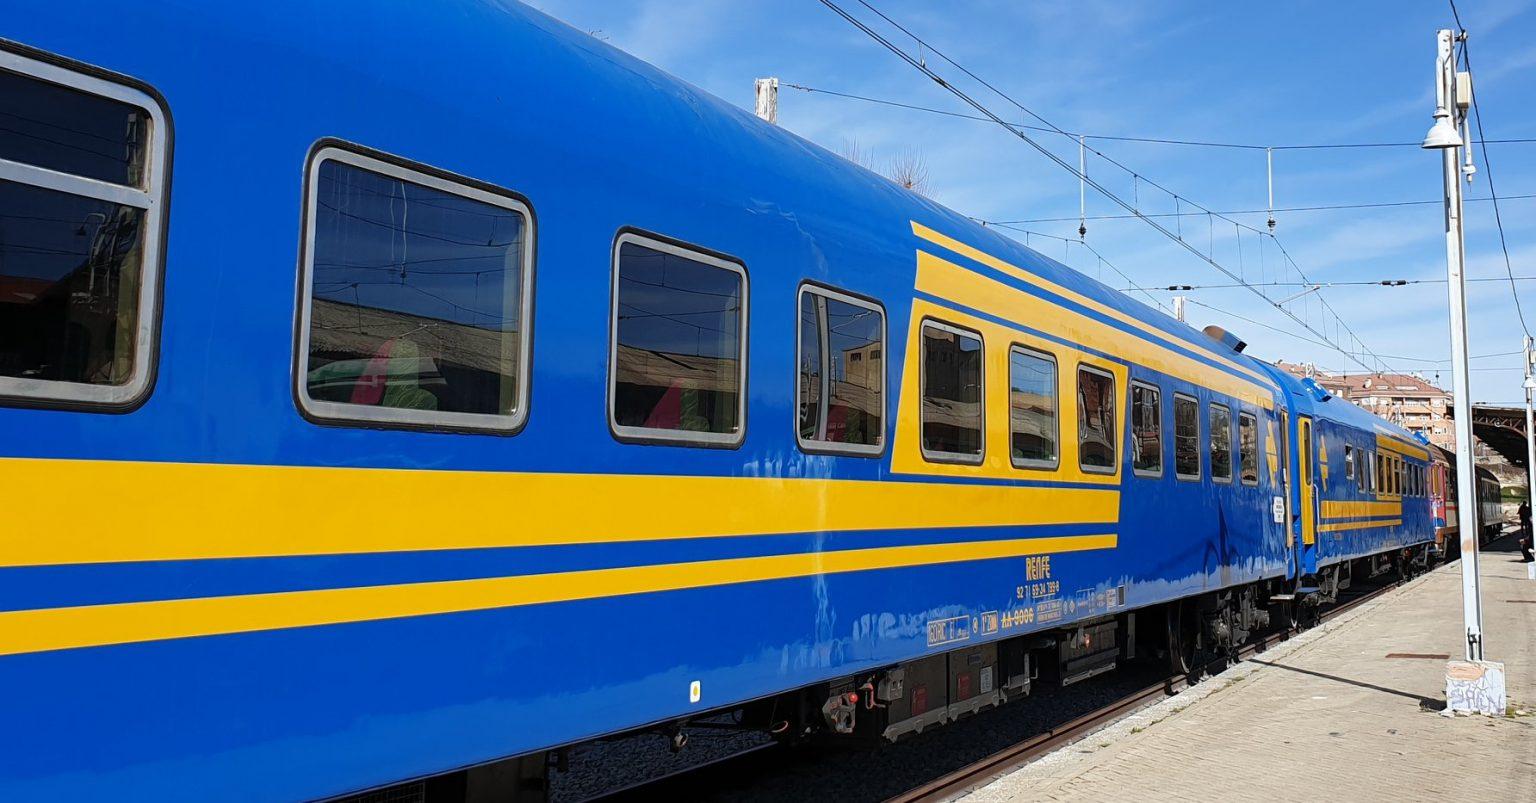 El Tren de los 80, composición que realizará el Tren de la matanza el 21 de marzo, estacionado en Segovia. Foto: AAFM.